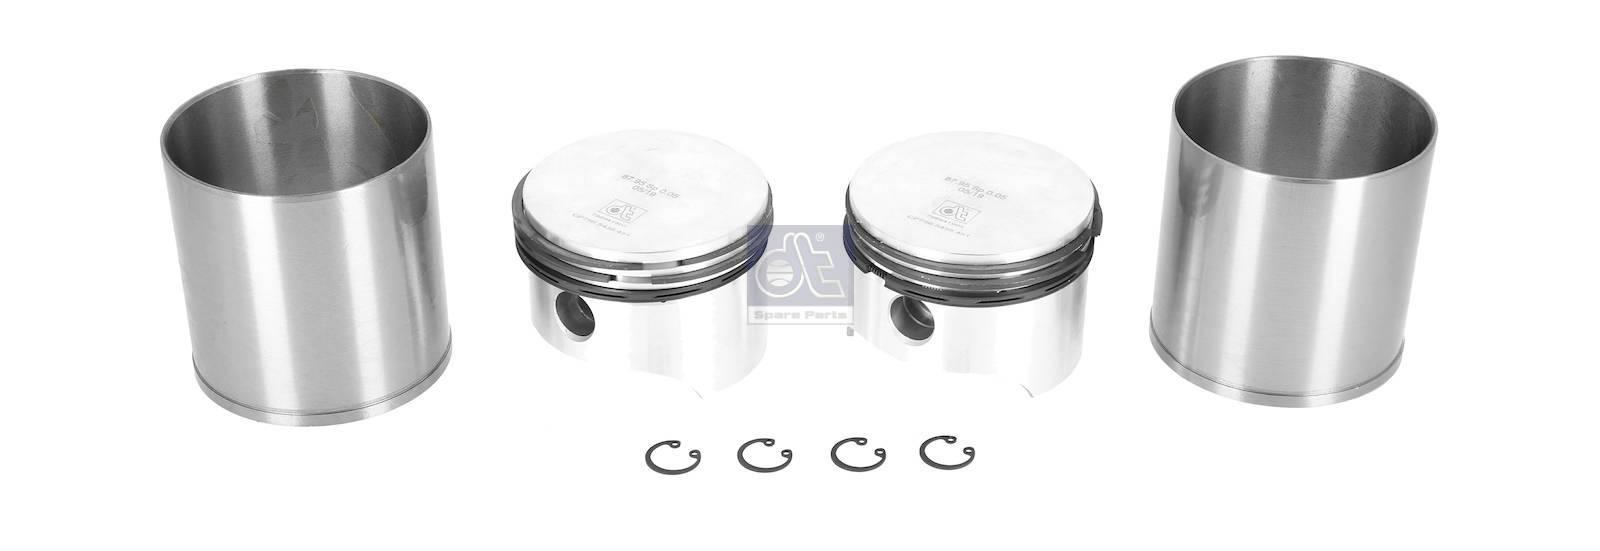 Kit canna di cilindro, compressore